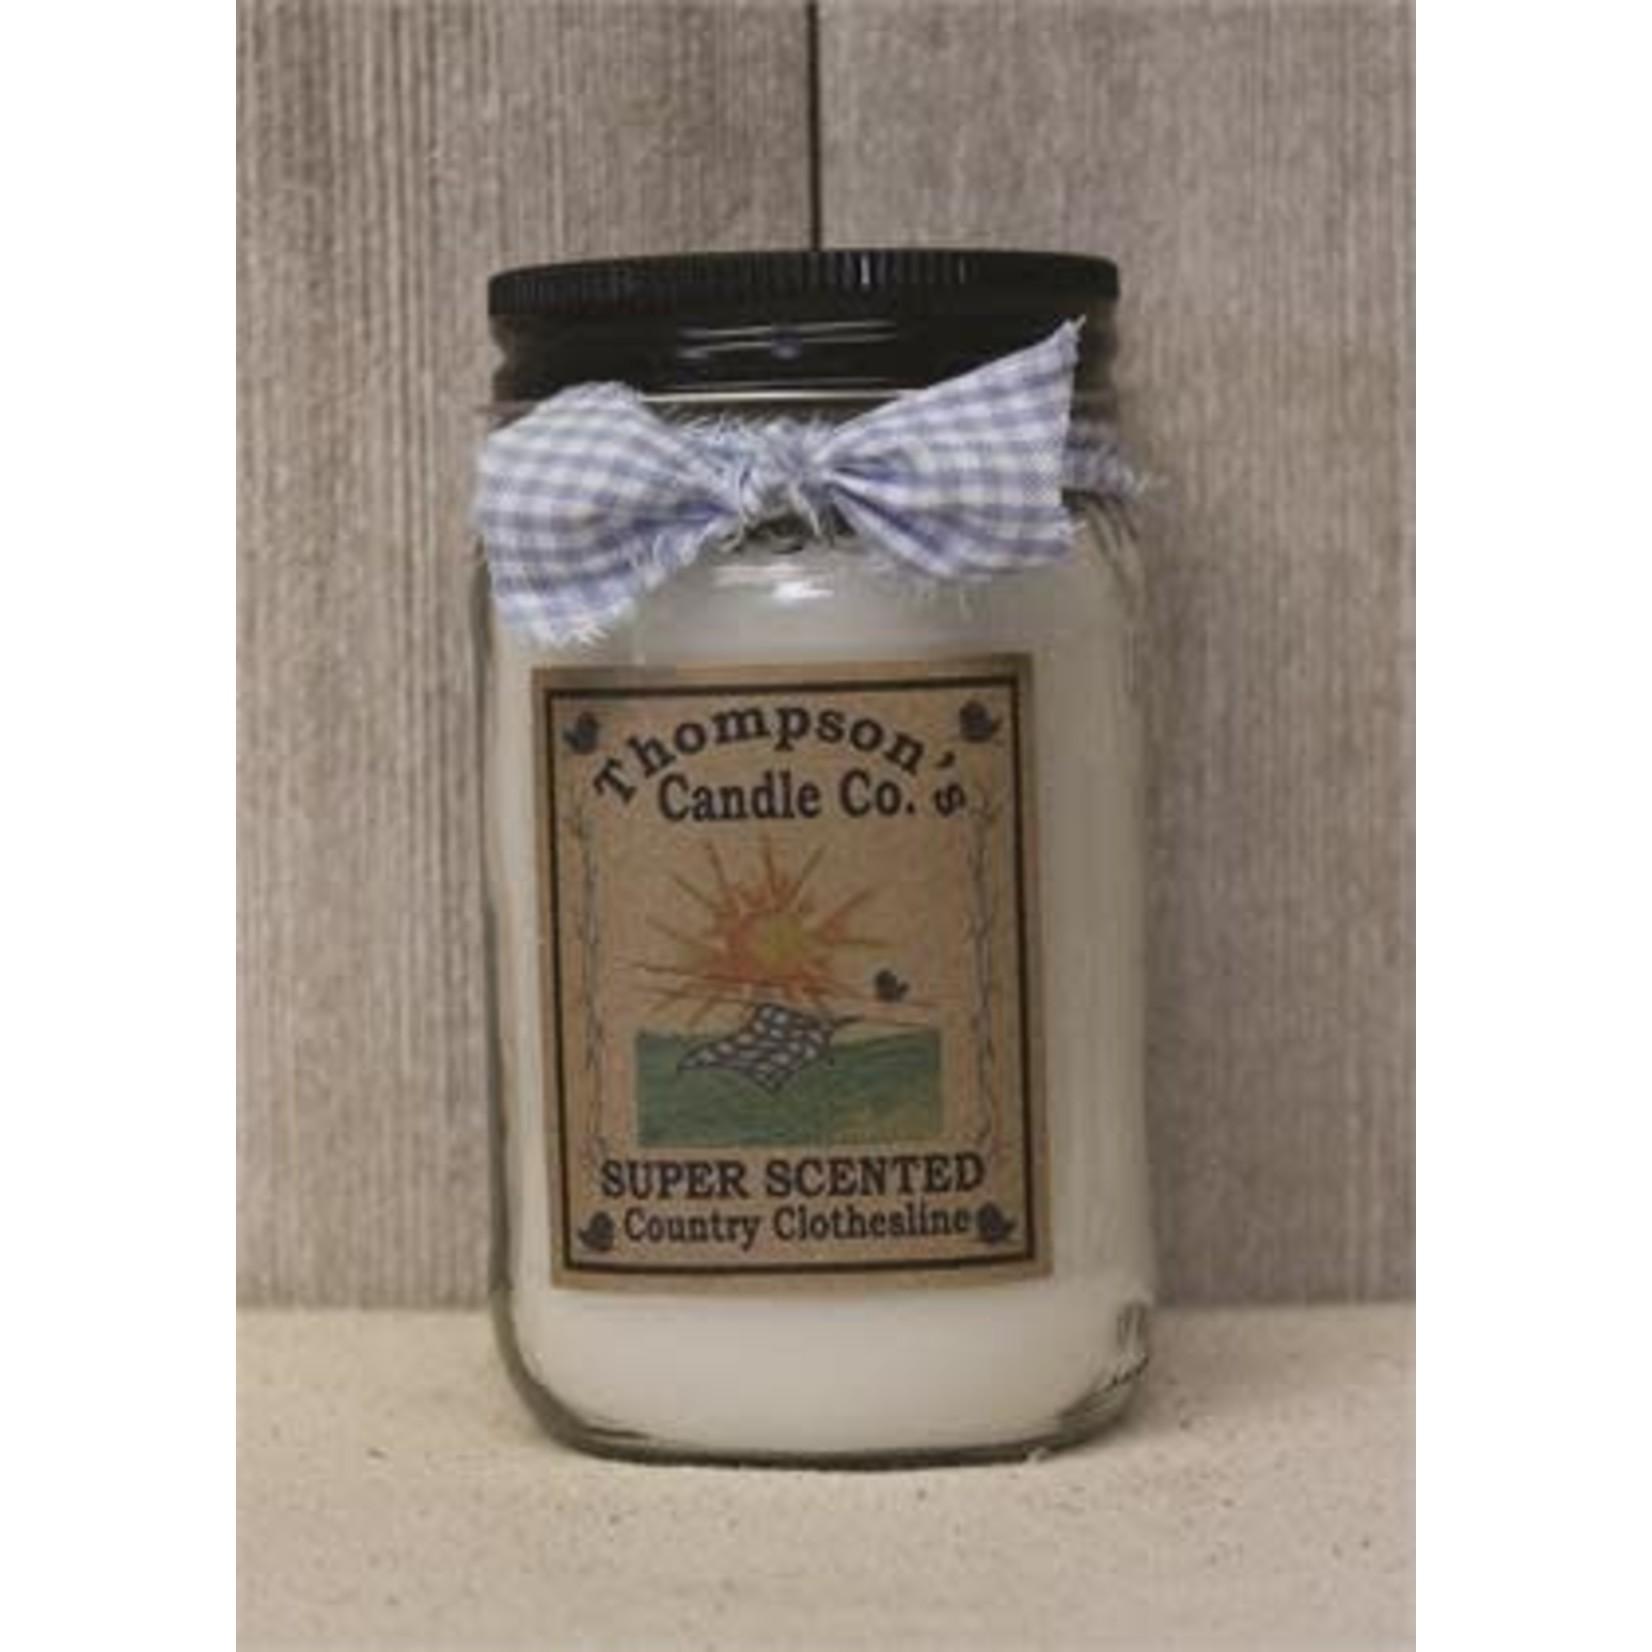 Thompson Candle 12 oz Mason Jar